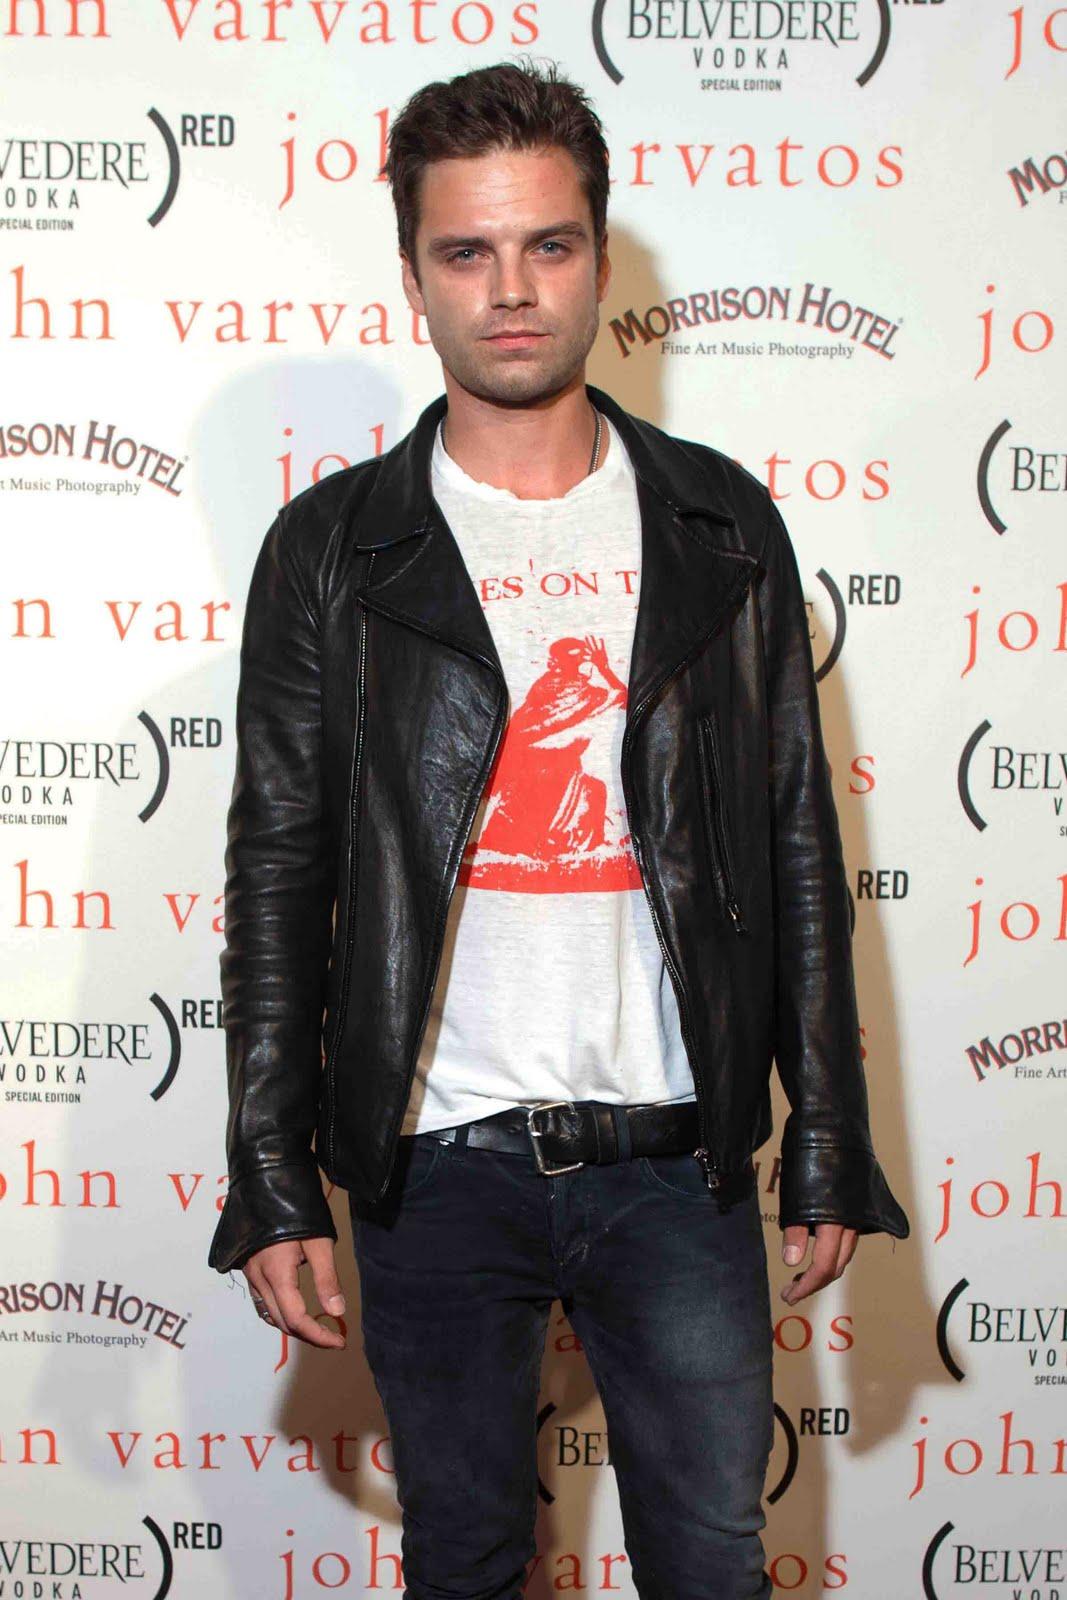 http://3.bp.blogspot.com/-P5org02dp-8/Tm2VyKibR9I/AAAAAAACOOI/Kc2Dg9Urw6Y/s1600/Sebastian%2BStan.jpg